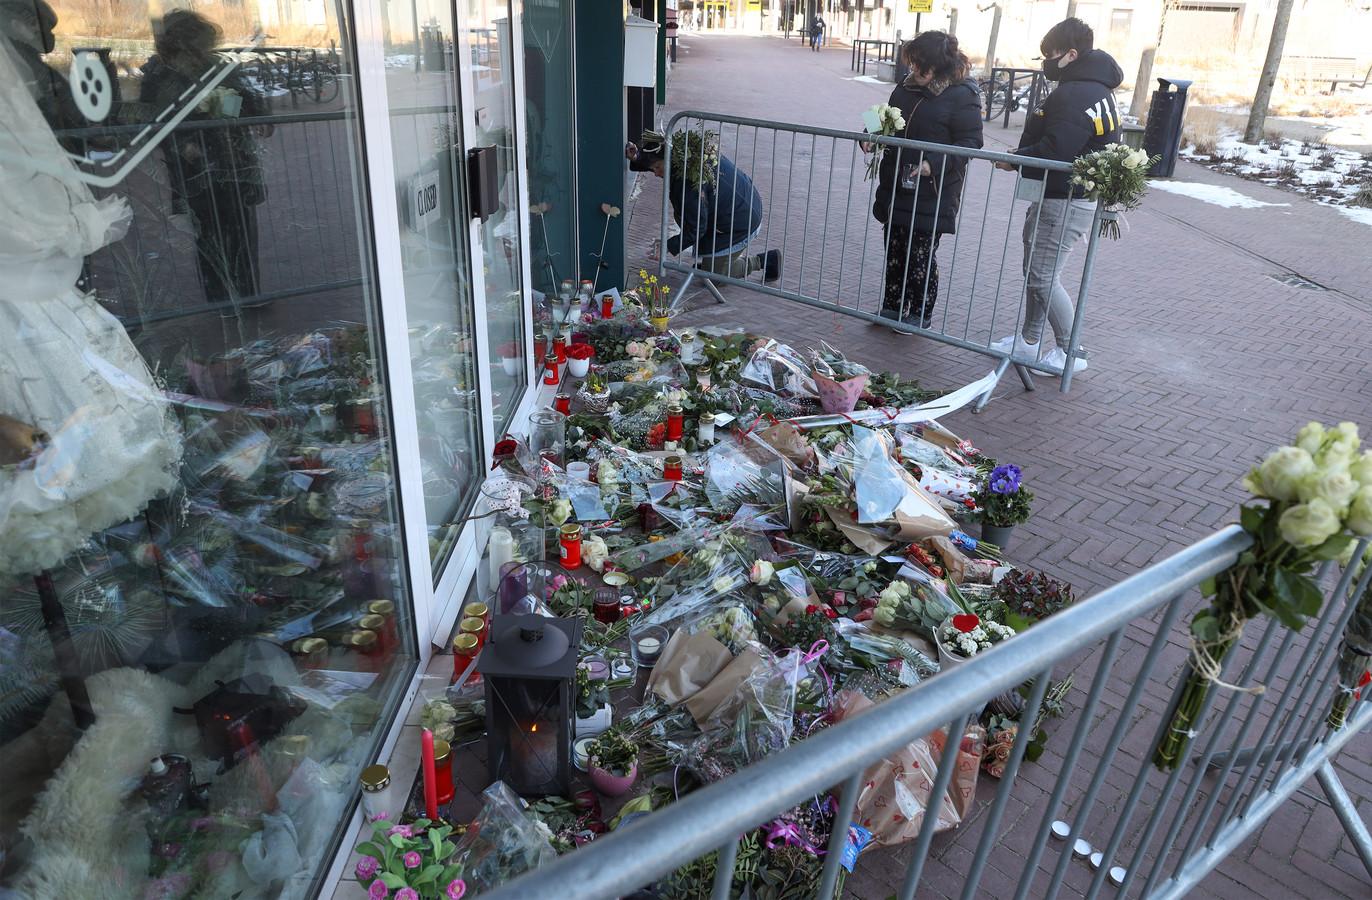 Bloemenzee bij de winkel van Ichelle van de Velde.